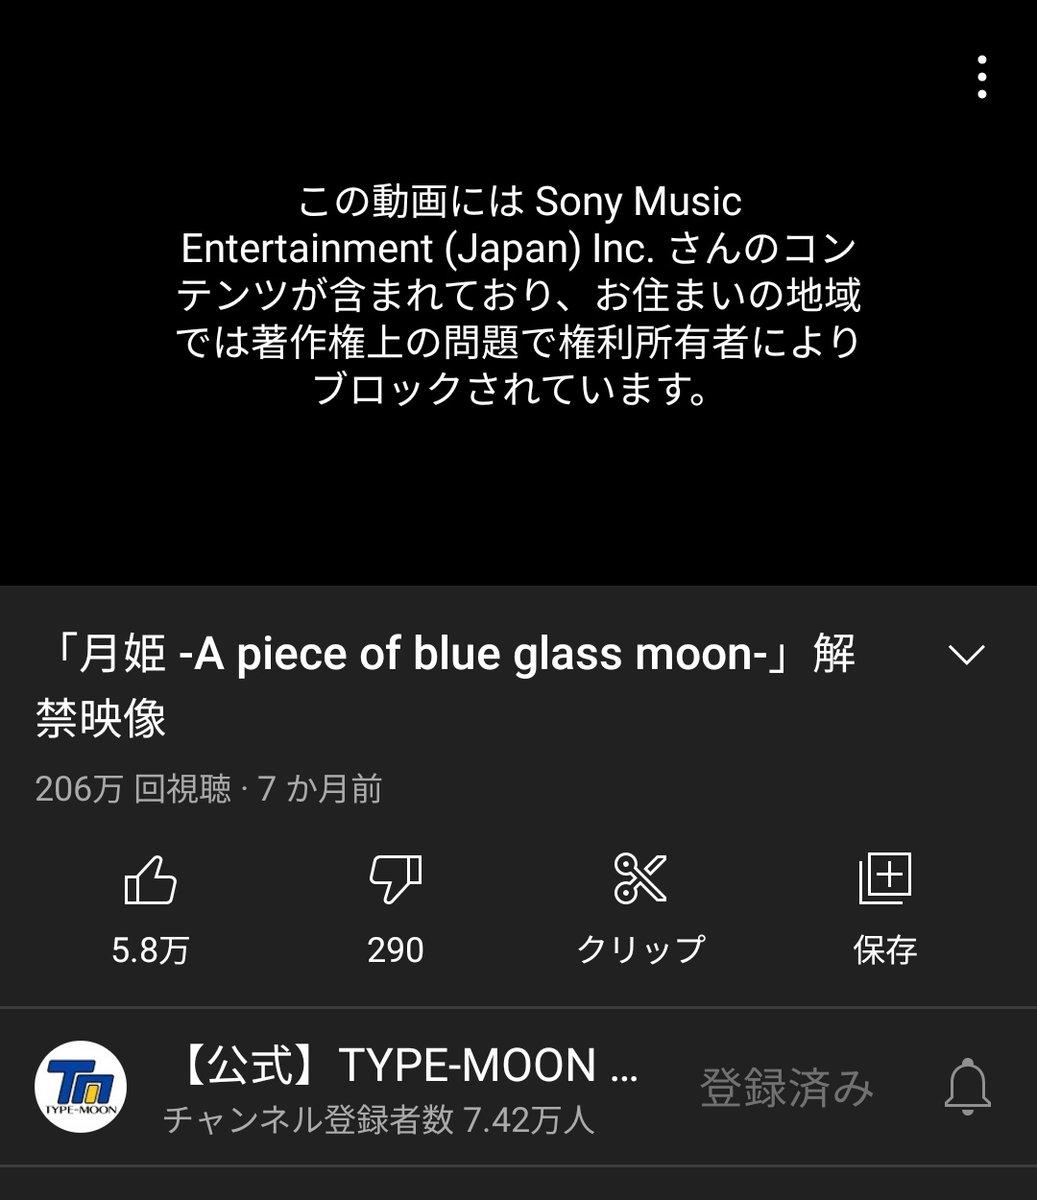 ほんとだ笑 月姫リメイクの公式PV、公式なのに著作権違反で消されてる  やっぱり月姫リメイクは幻だったんかなあ…